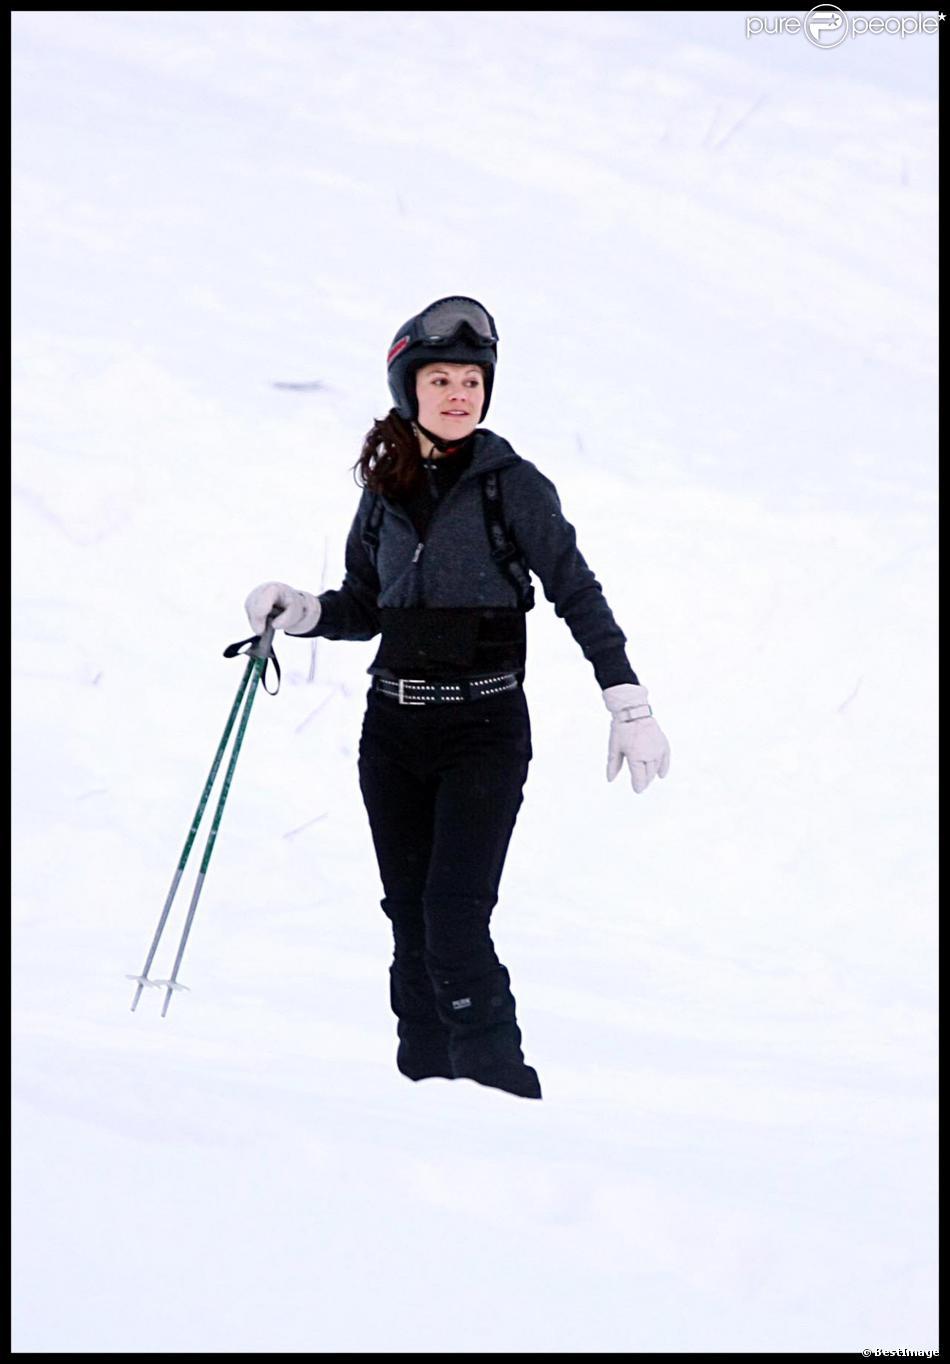 La princesse Victoria de Suède skiant à Storlien le 31 décembre 2009 avec sa famille et son compagnon Daniel.